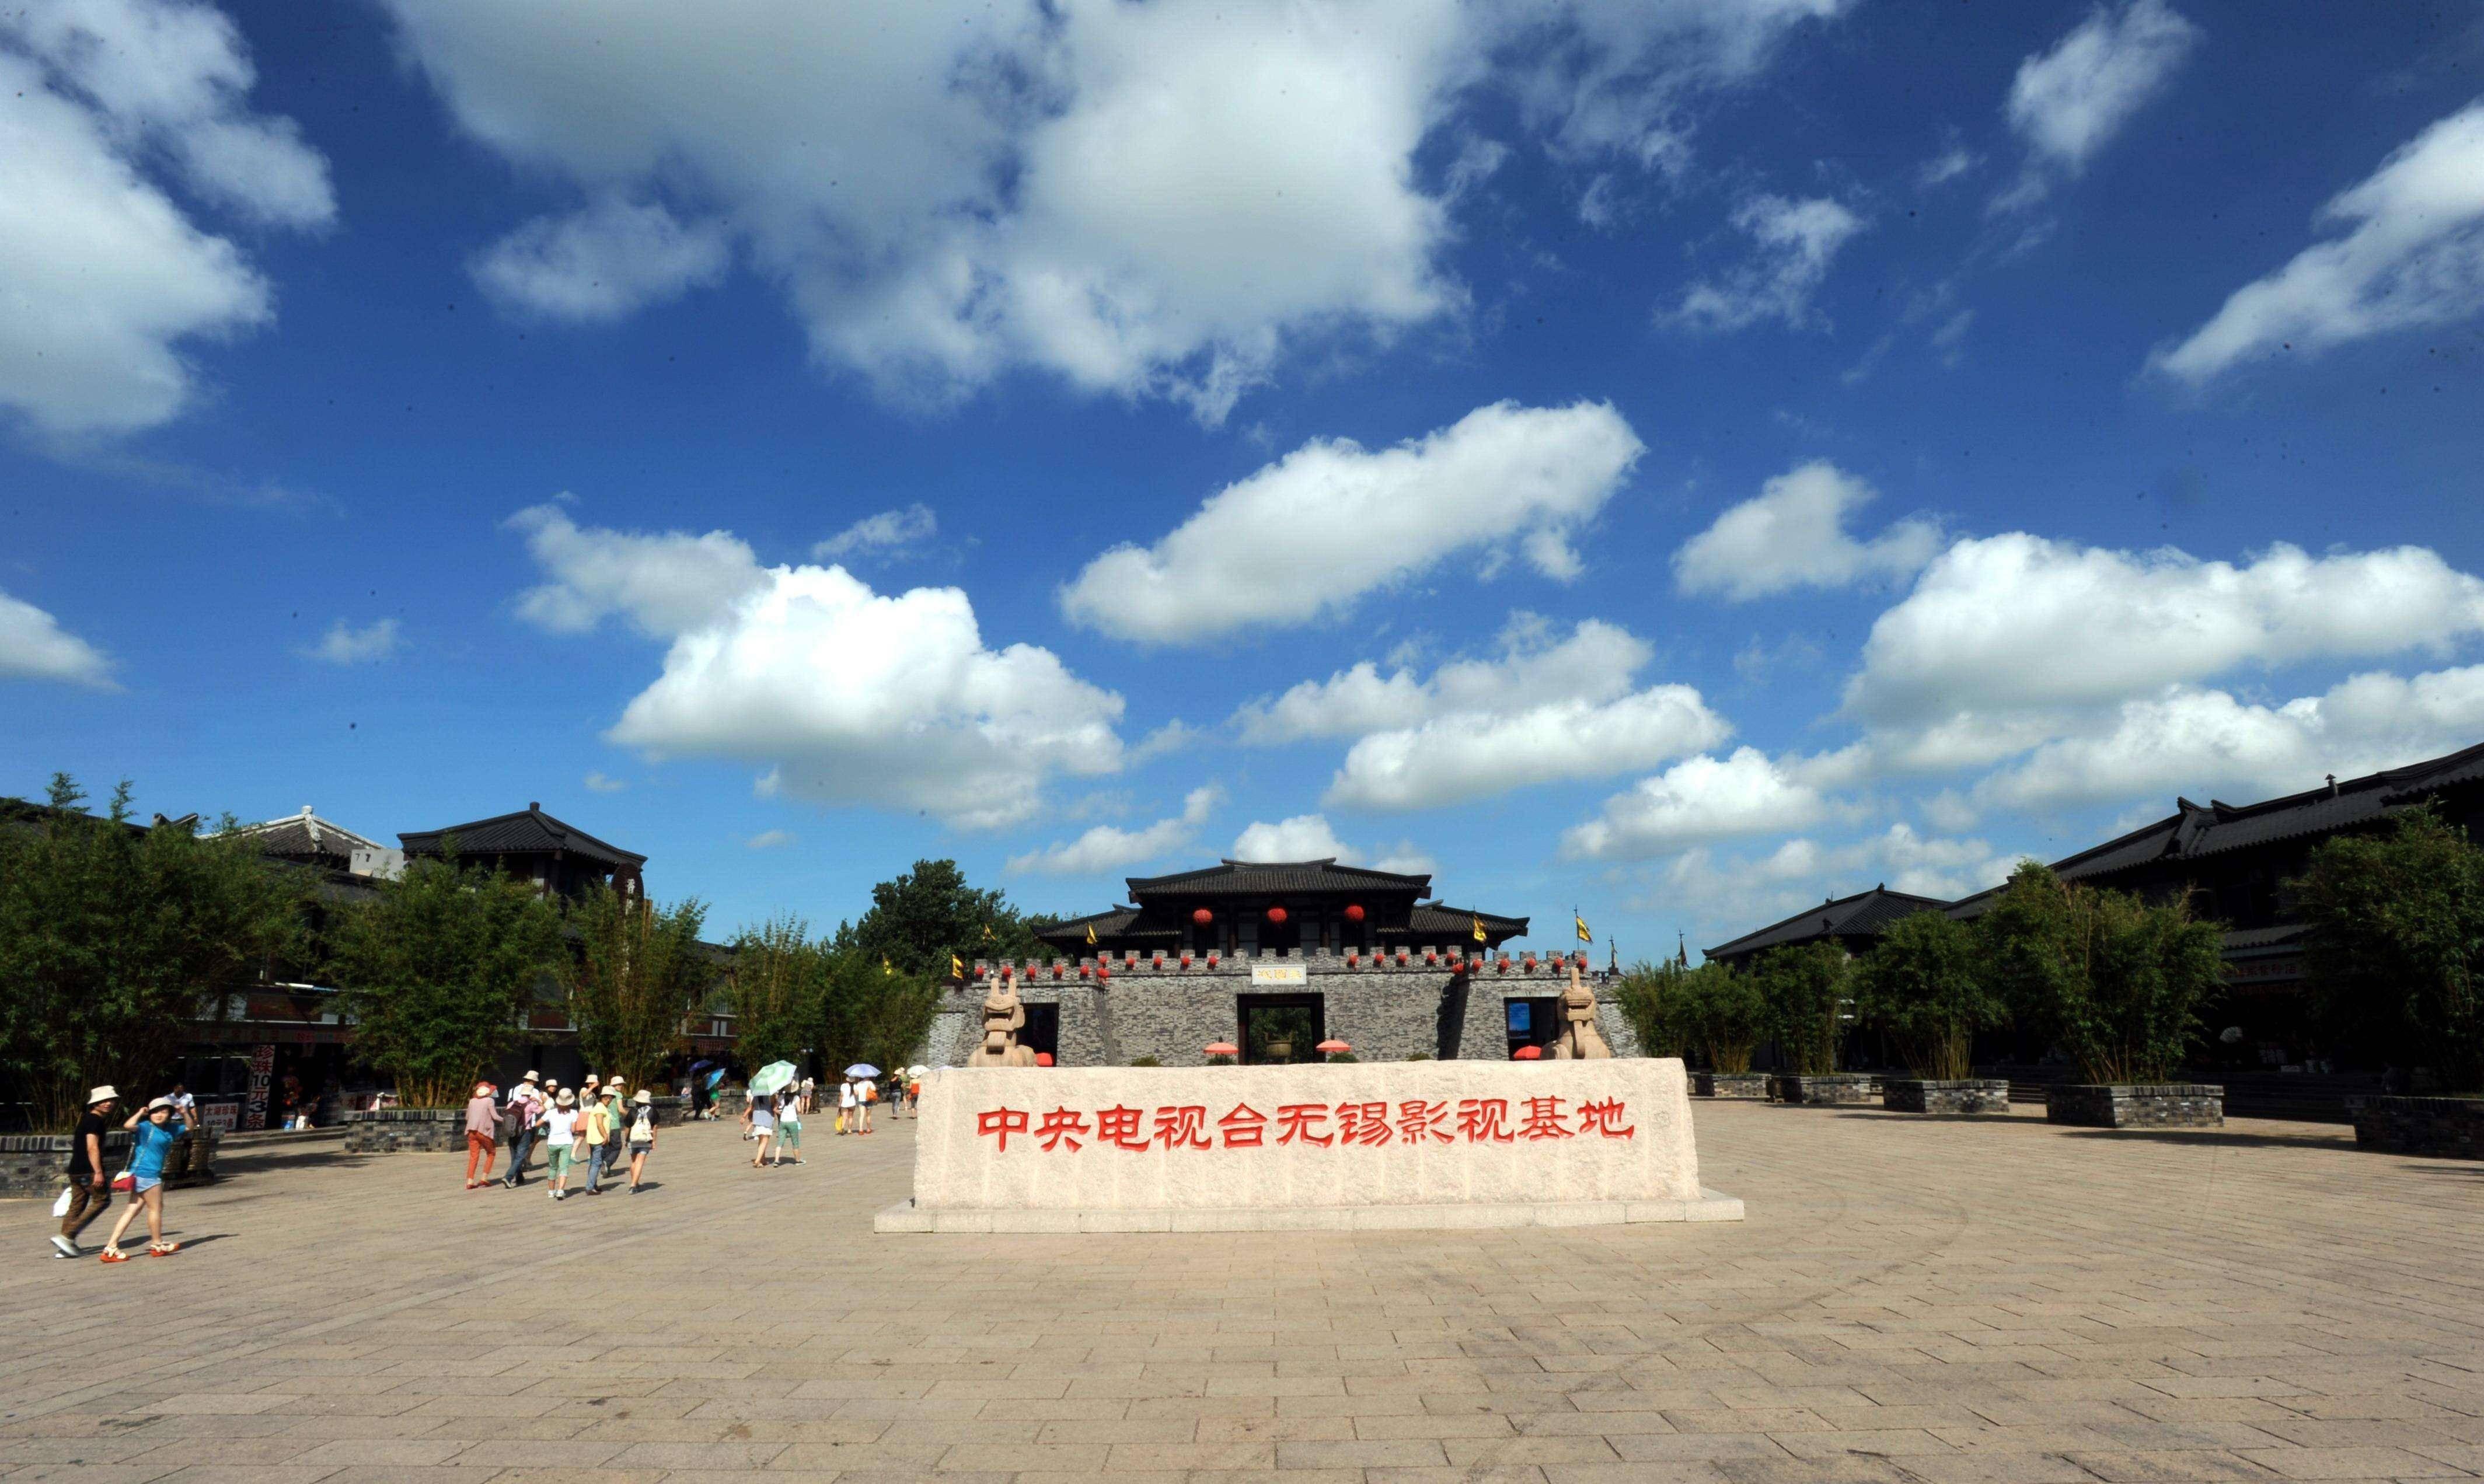 无锡:江苏最有钱的城市,想挑战南京地位,可能吗?